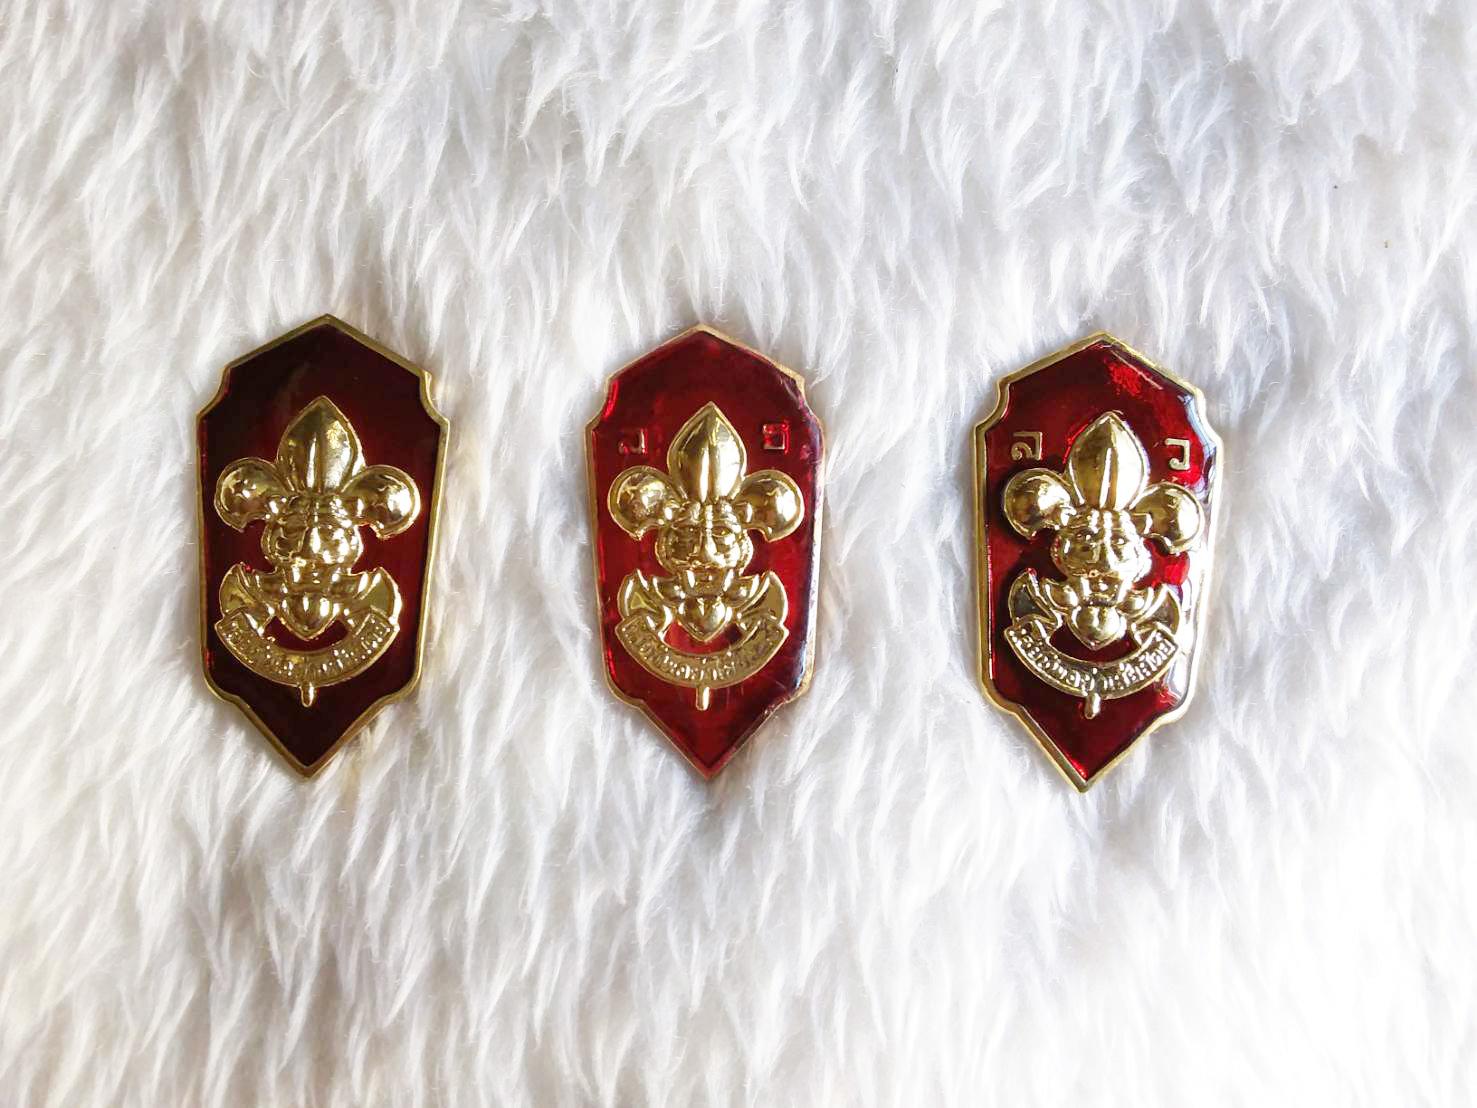 เครื่องหมายตำแหน่งผู้บังคับบัญชาลูกเสือ เหรียญเรซิ่น เข็มรองผู้กำกับลูกเสือ